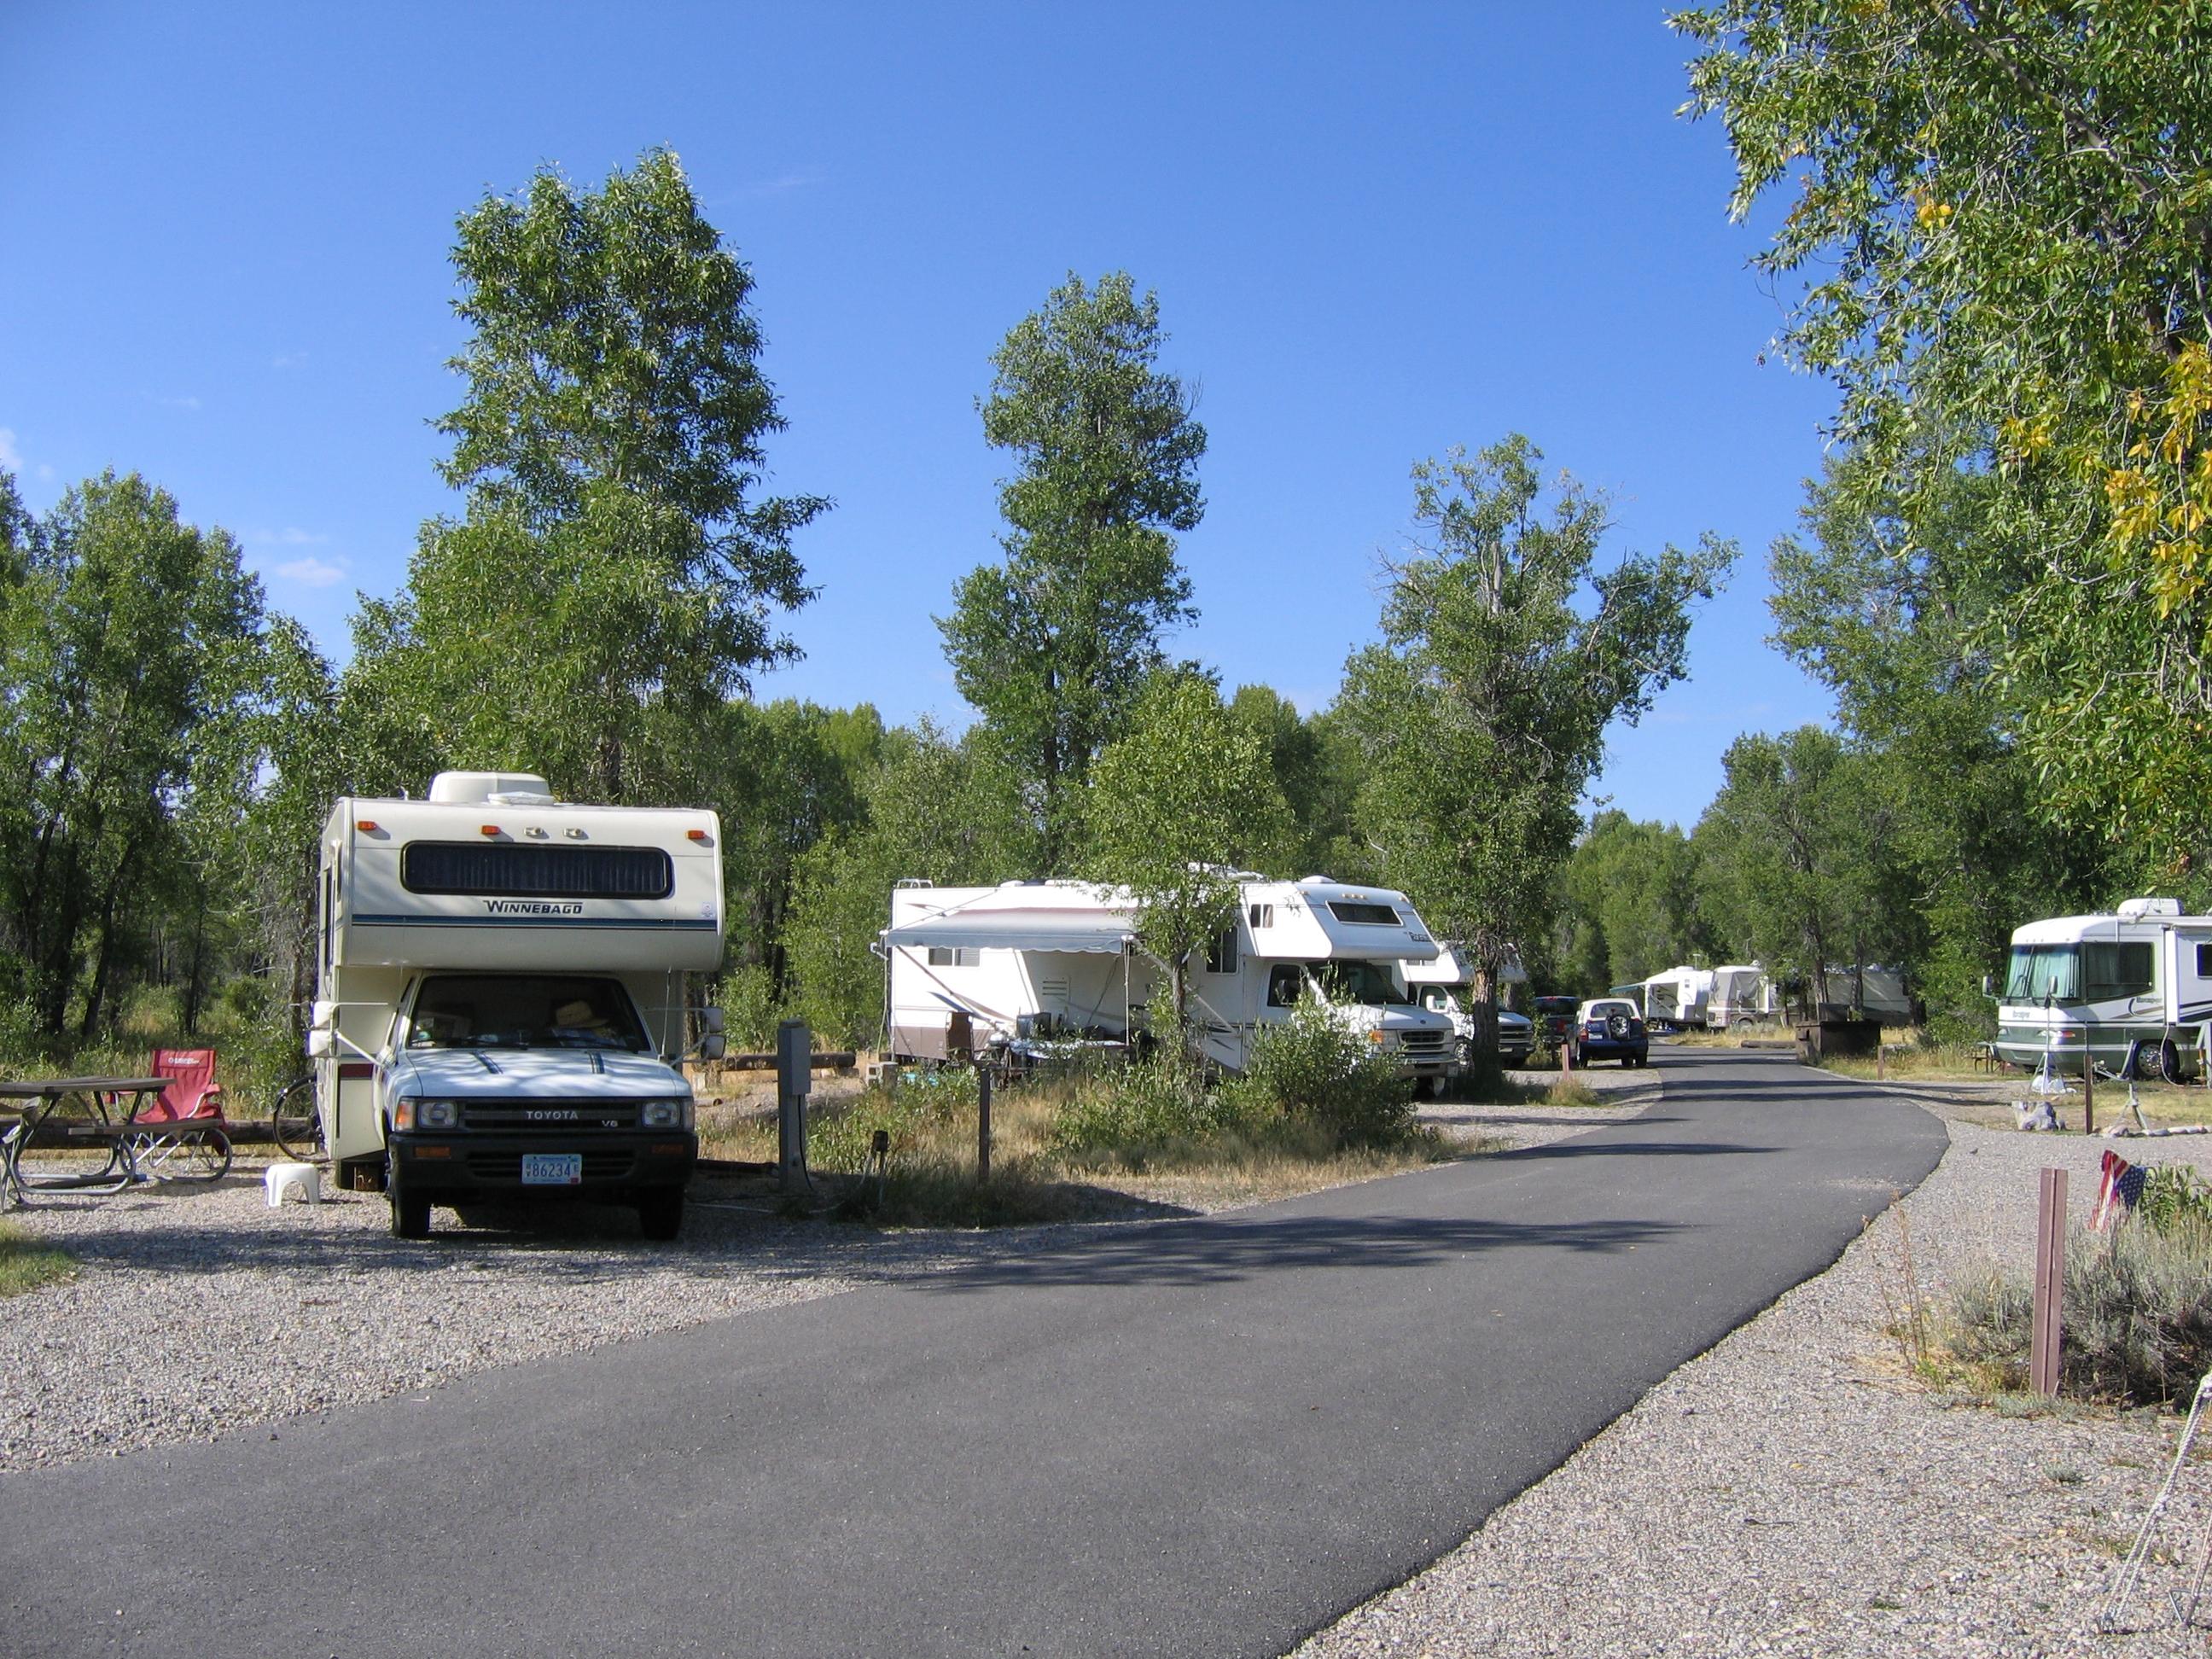 full hookup Camping i Wyoming manliga dating bedragare bilder